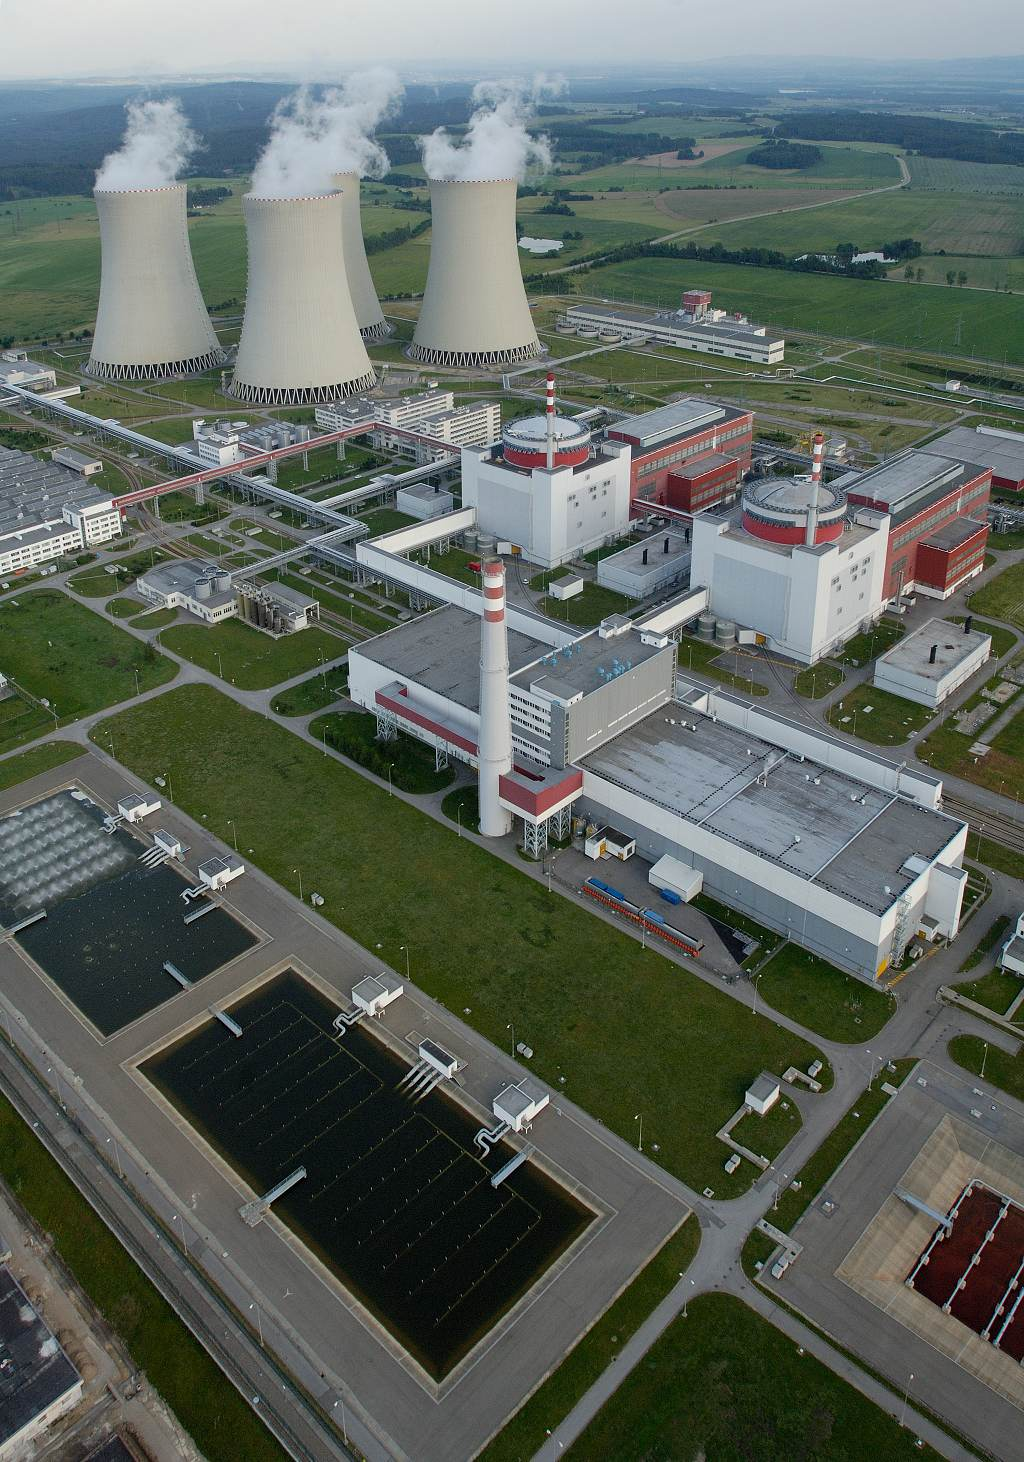 jaderná energie - Dubnové teploty kolem nuly Temelínu svědčí - V Česku (19 1024) 3